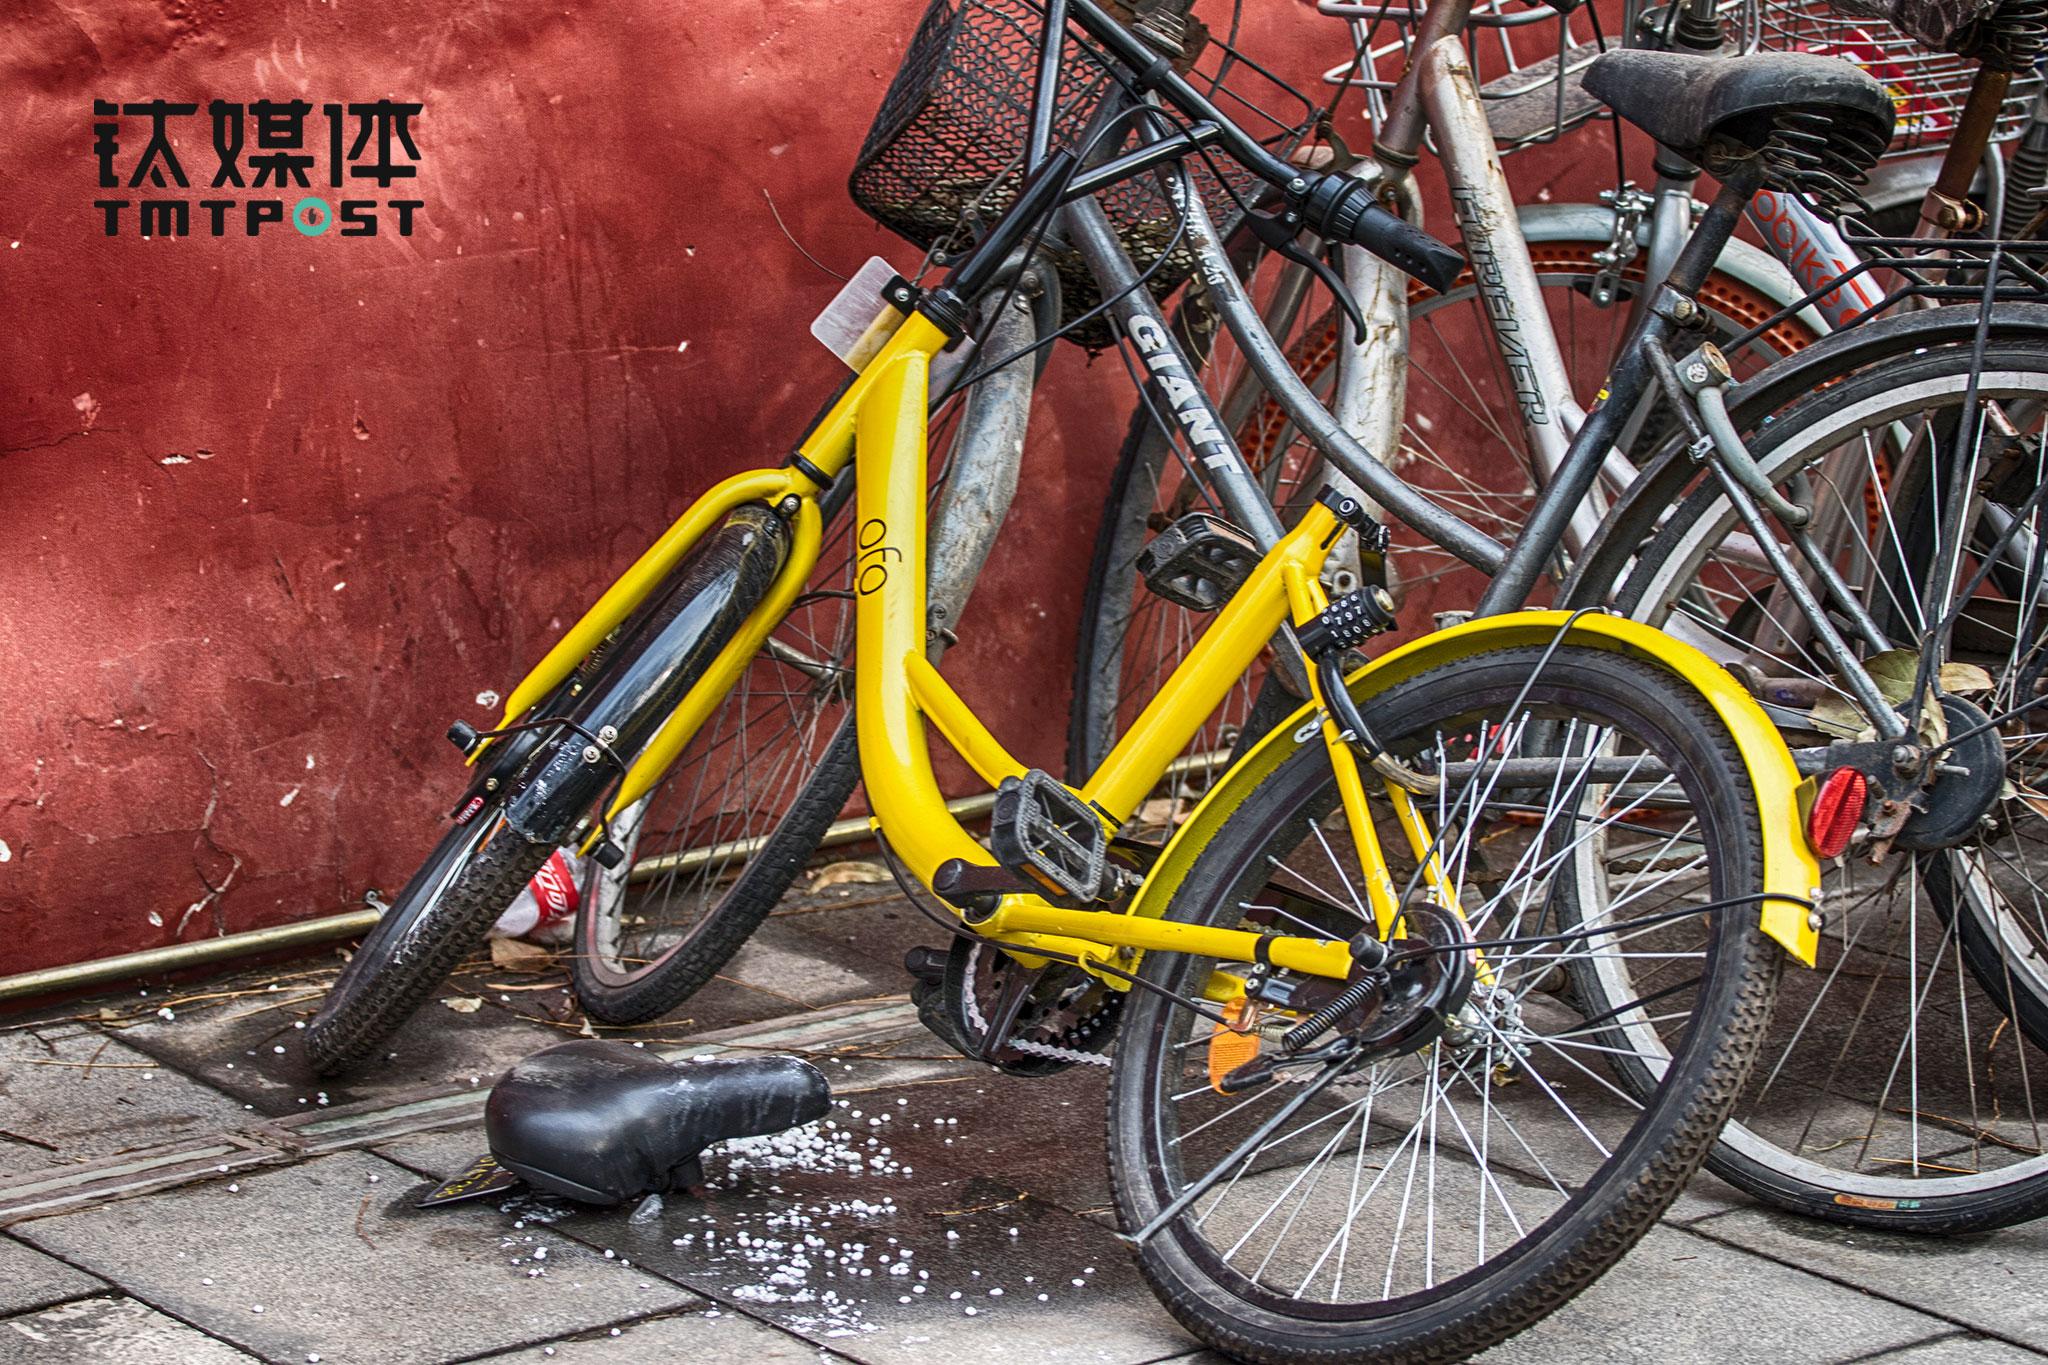 《在线》对于北京共享单车经过超过2个月观察后发现,街头可见的范围内,相比摩拜等品牌,造价相对低廉的ofo,车辆被损坏的情况相对较多。2月22日,北京雍和宫,一辆ofo的座椅被人拧下。